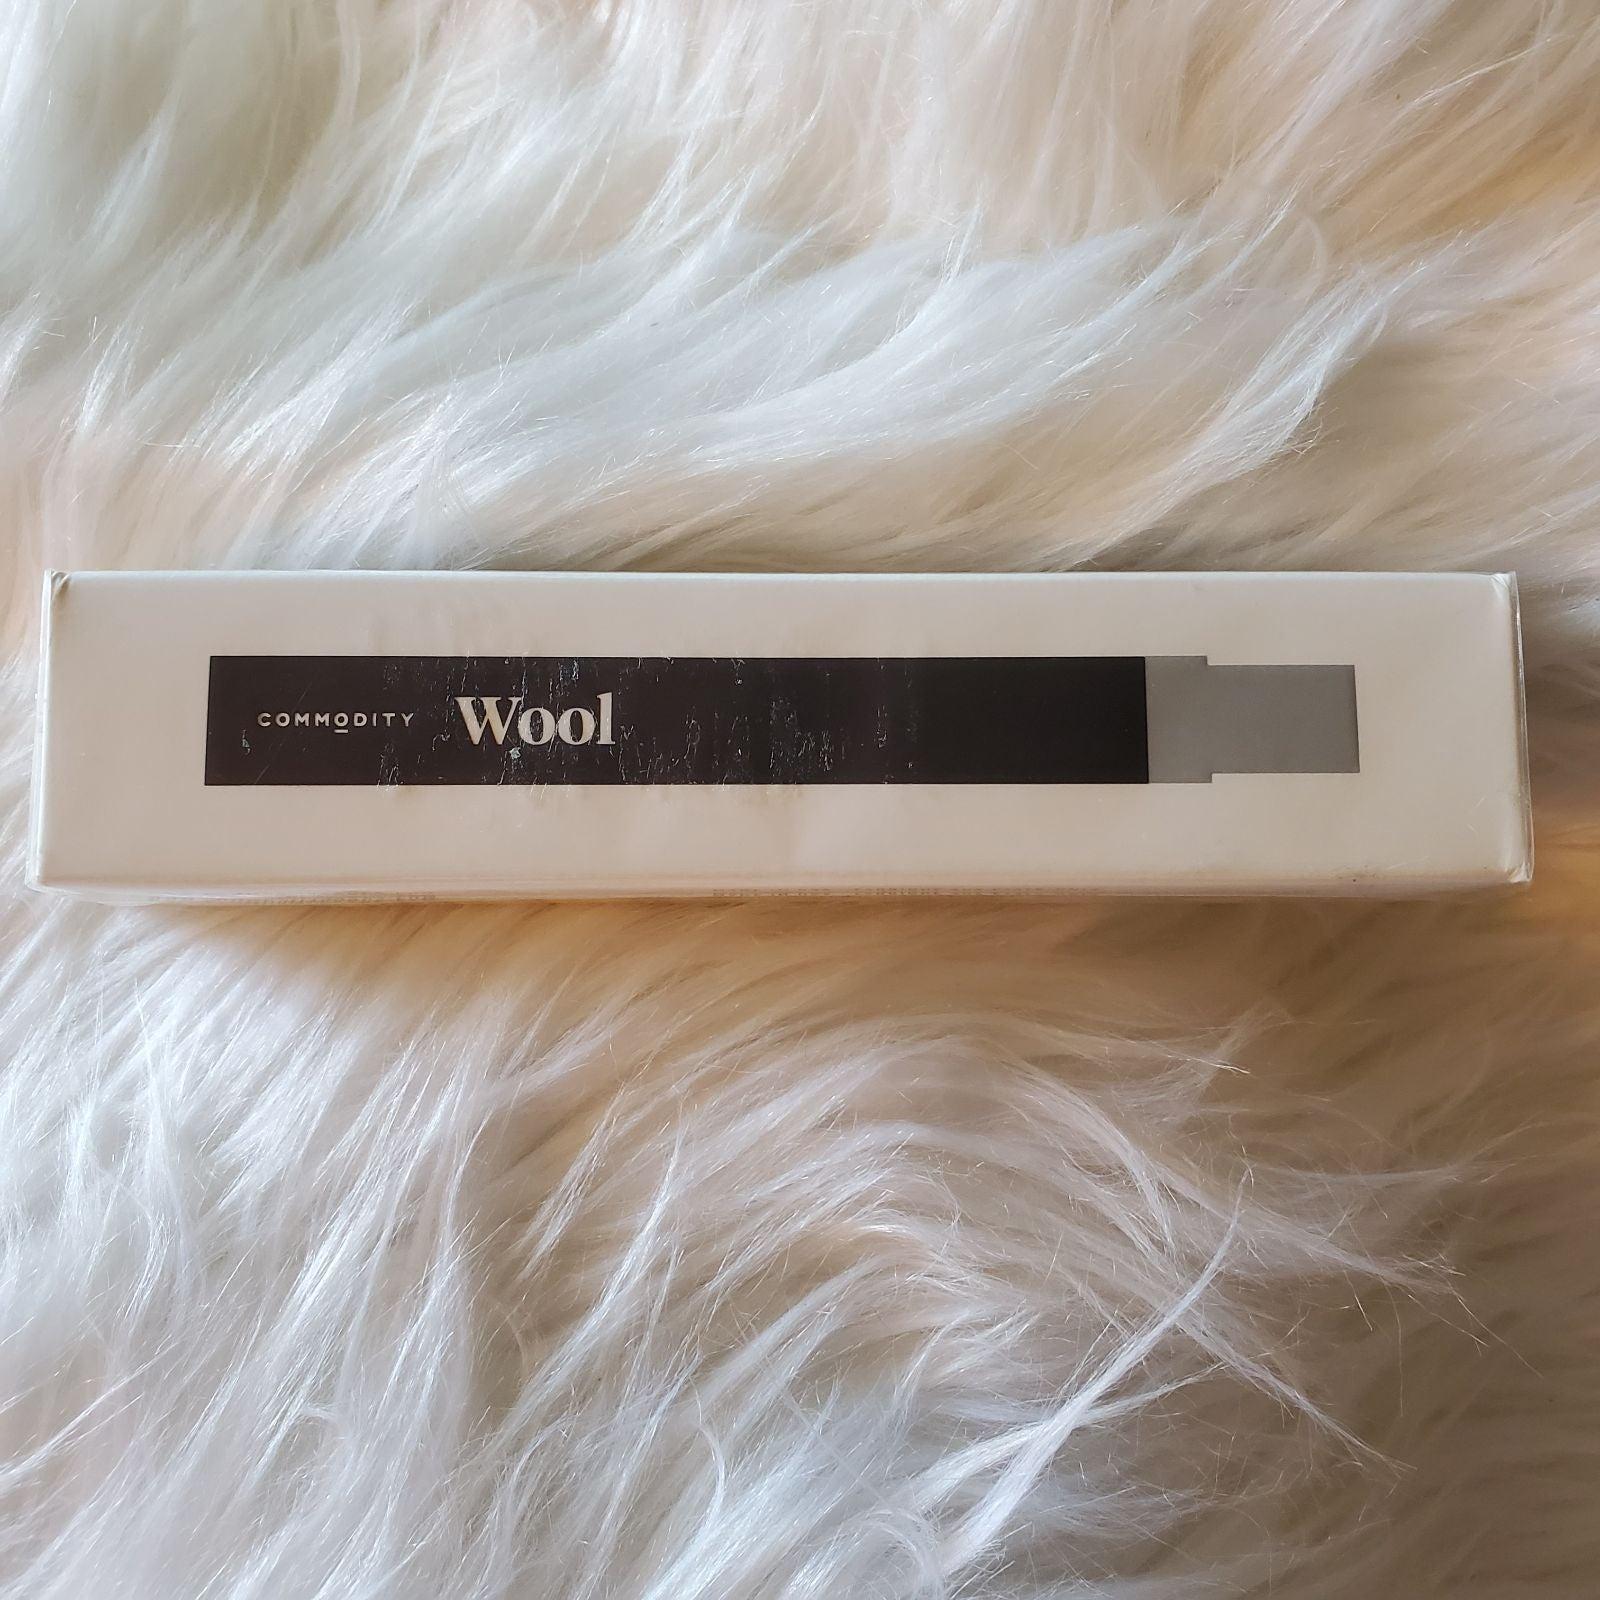 COMMODITY WOOL Eau de Parfum